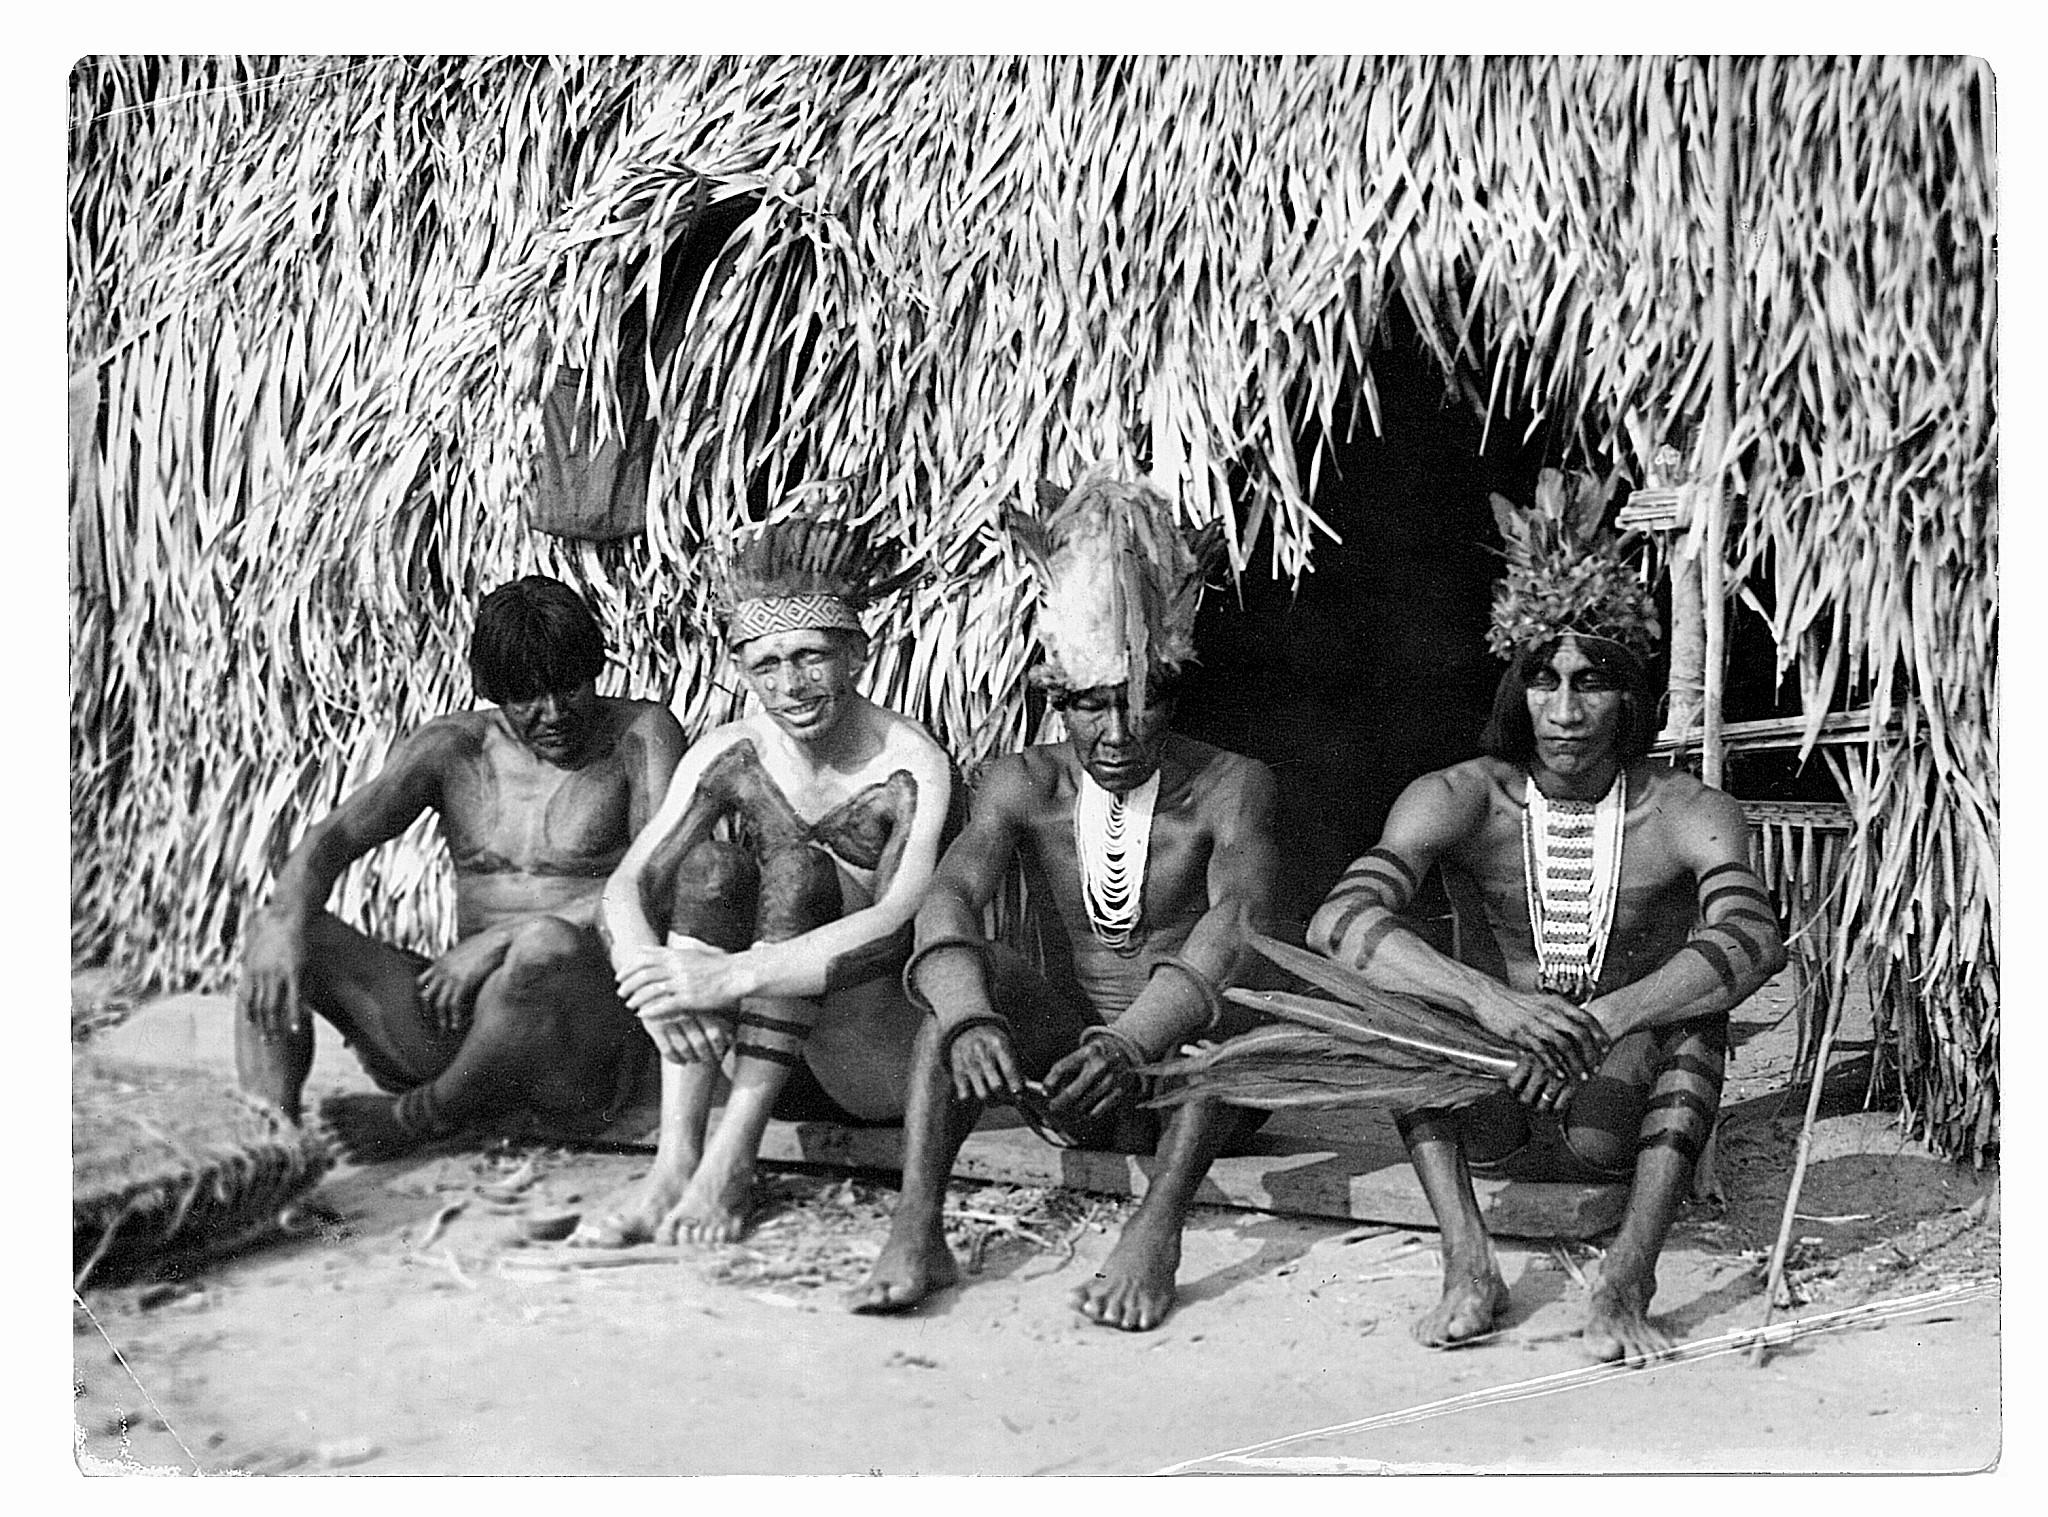 Halik zaprzyjaźnił się z Indianami w brazylijskim Mato Grosso i, jak twierdził, brał nawet z nimi udział w walkach z wrogimi im plemionami